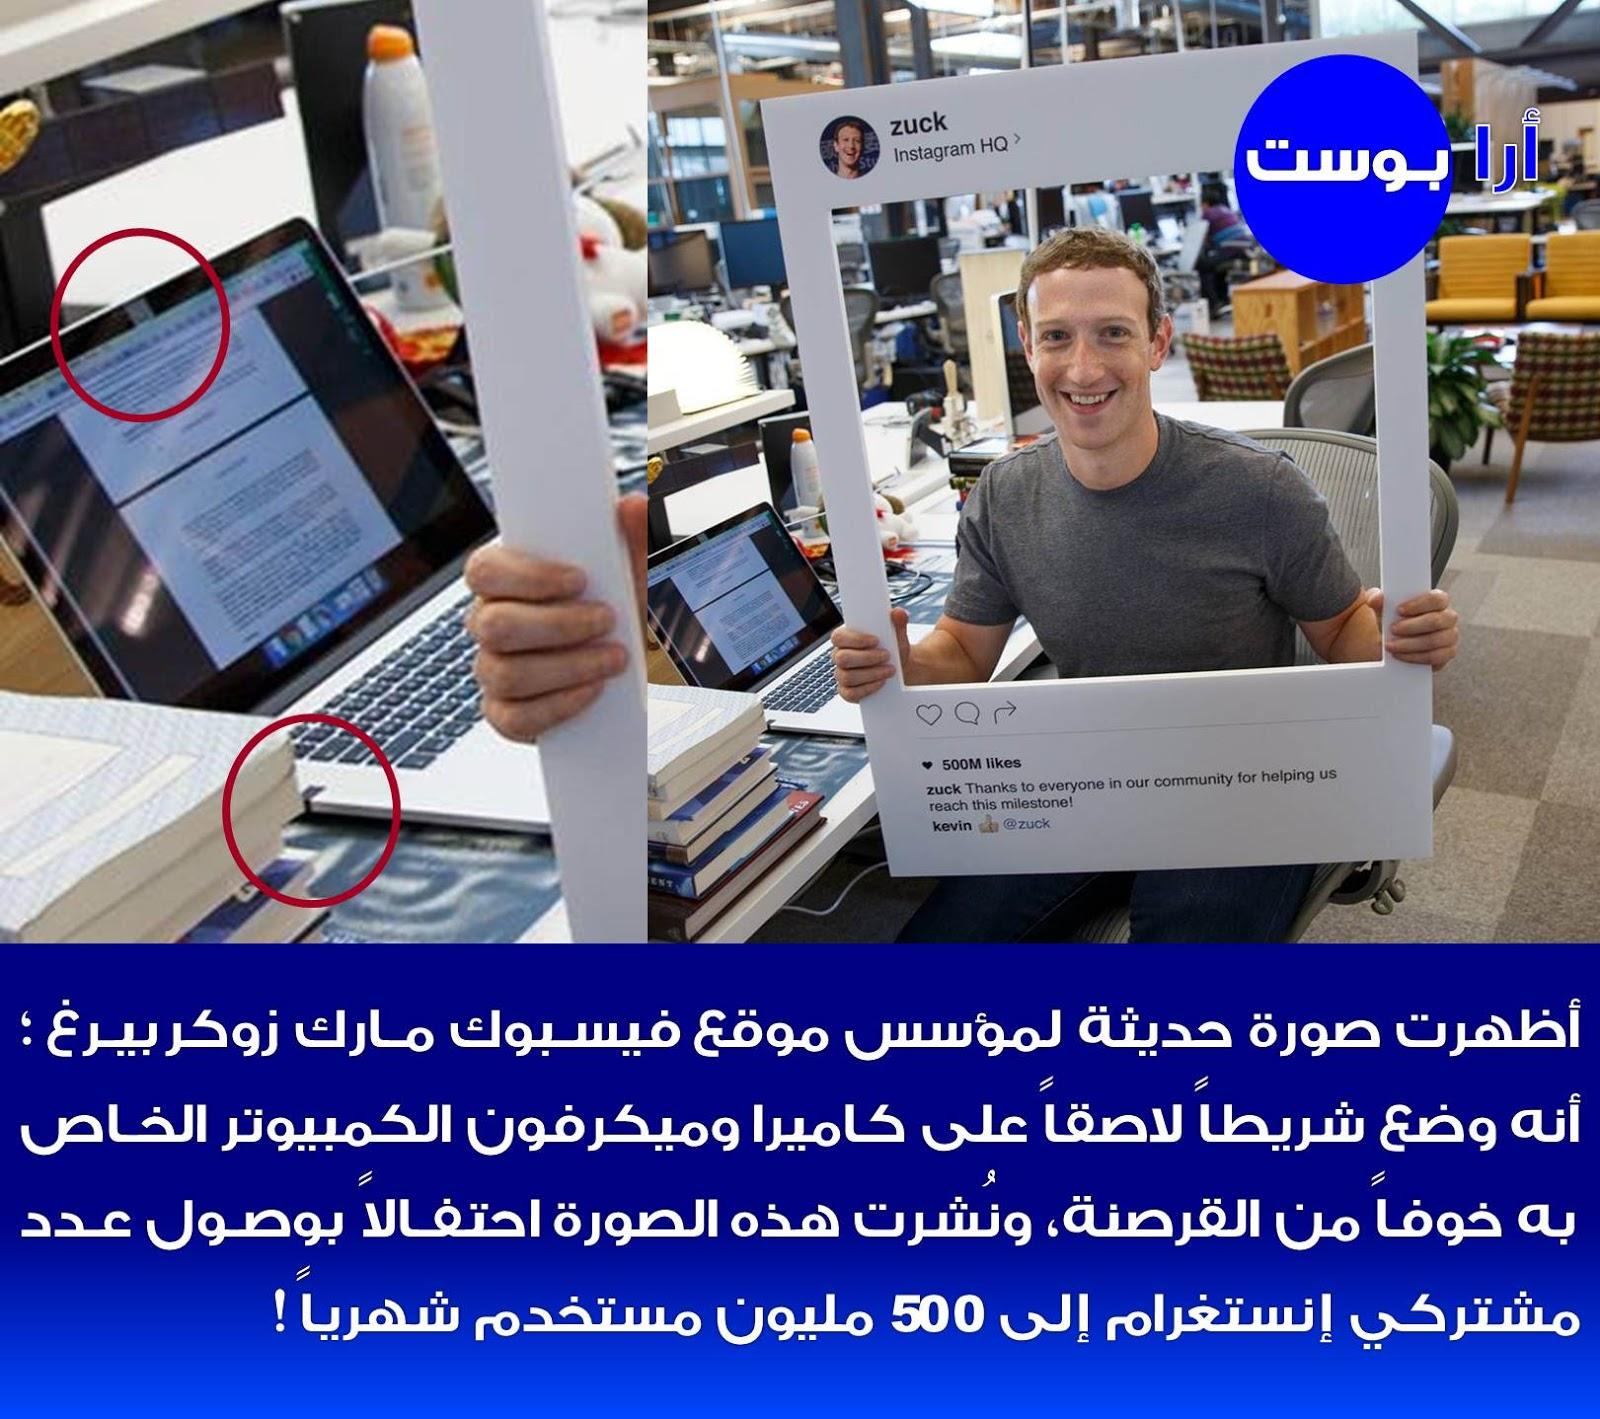 مؤسس موقع فيسبوك مارك زوكربيرغ يخشى القرصنة !